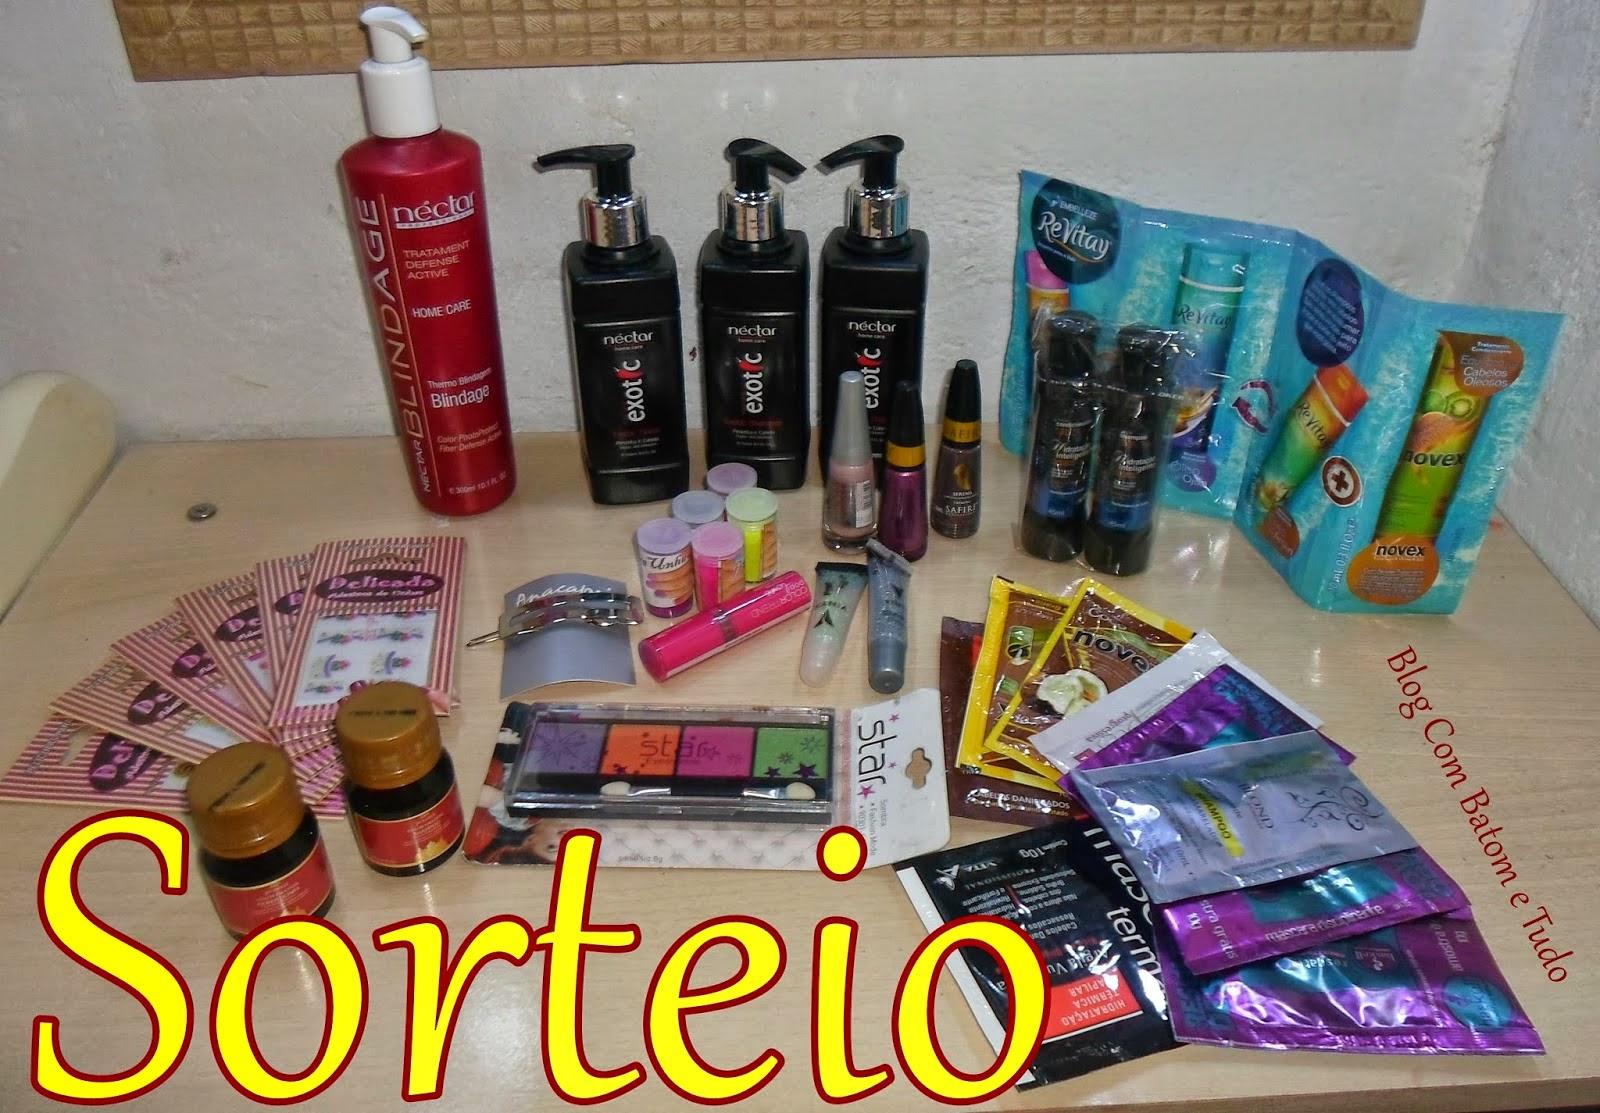 http://www.combatometudo.com.br/2014/10/sorteio-de-tudo-um-pouco-maquiagens.html